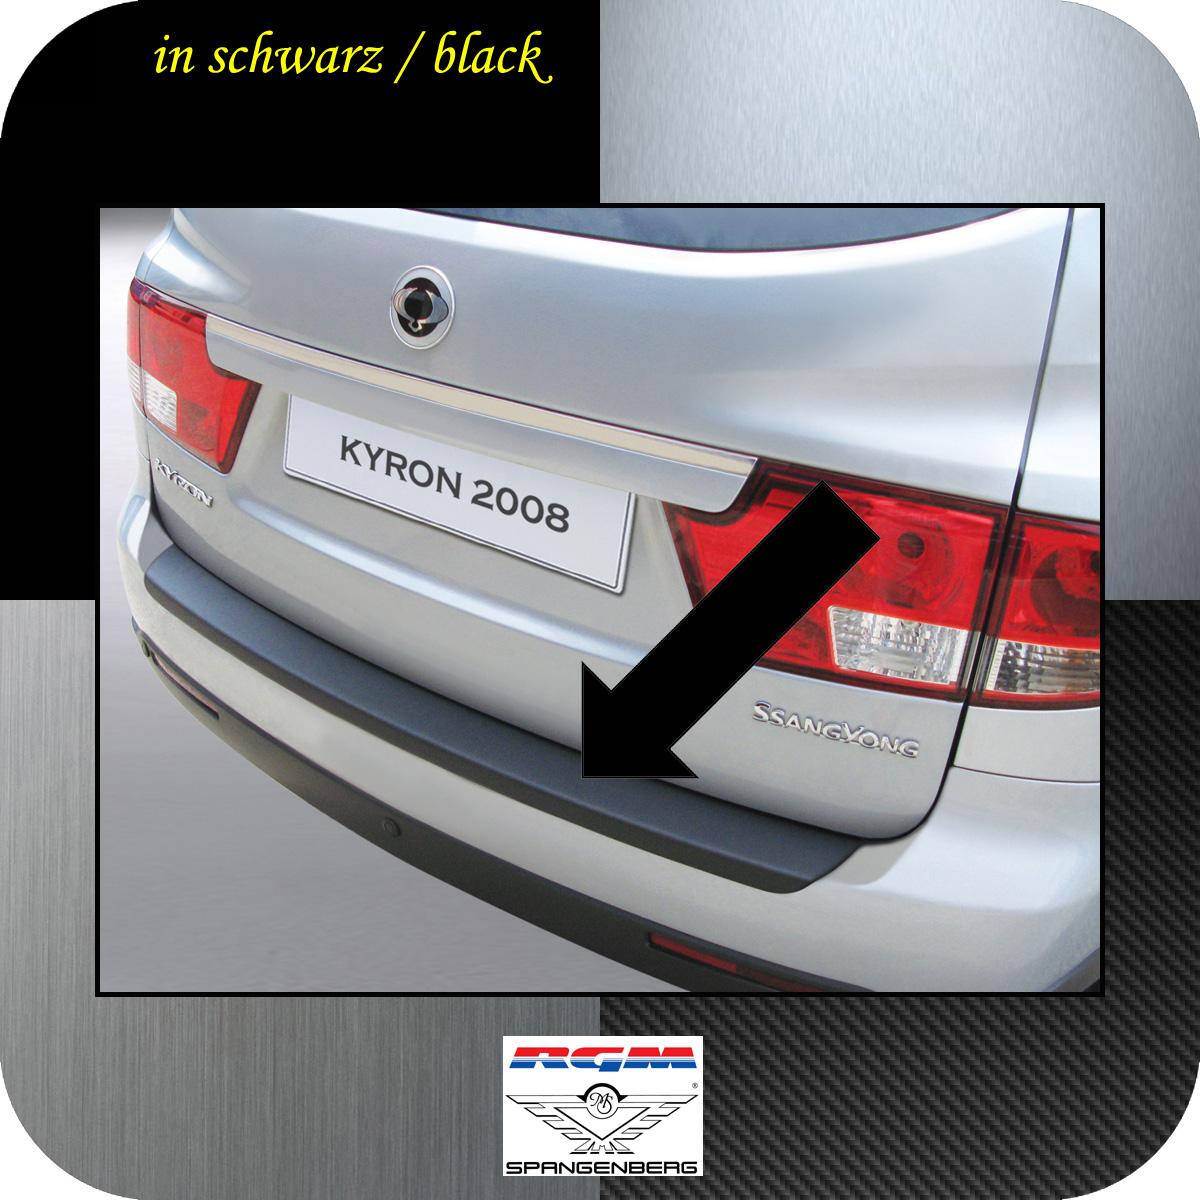 Ladekantenschutz schwarz SsangYong Kyron SUV Kombi facelift 2007- 3500154